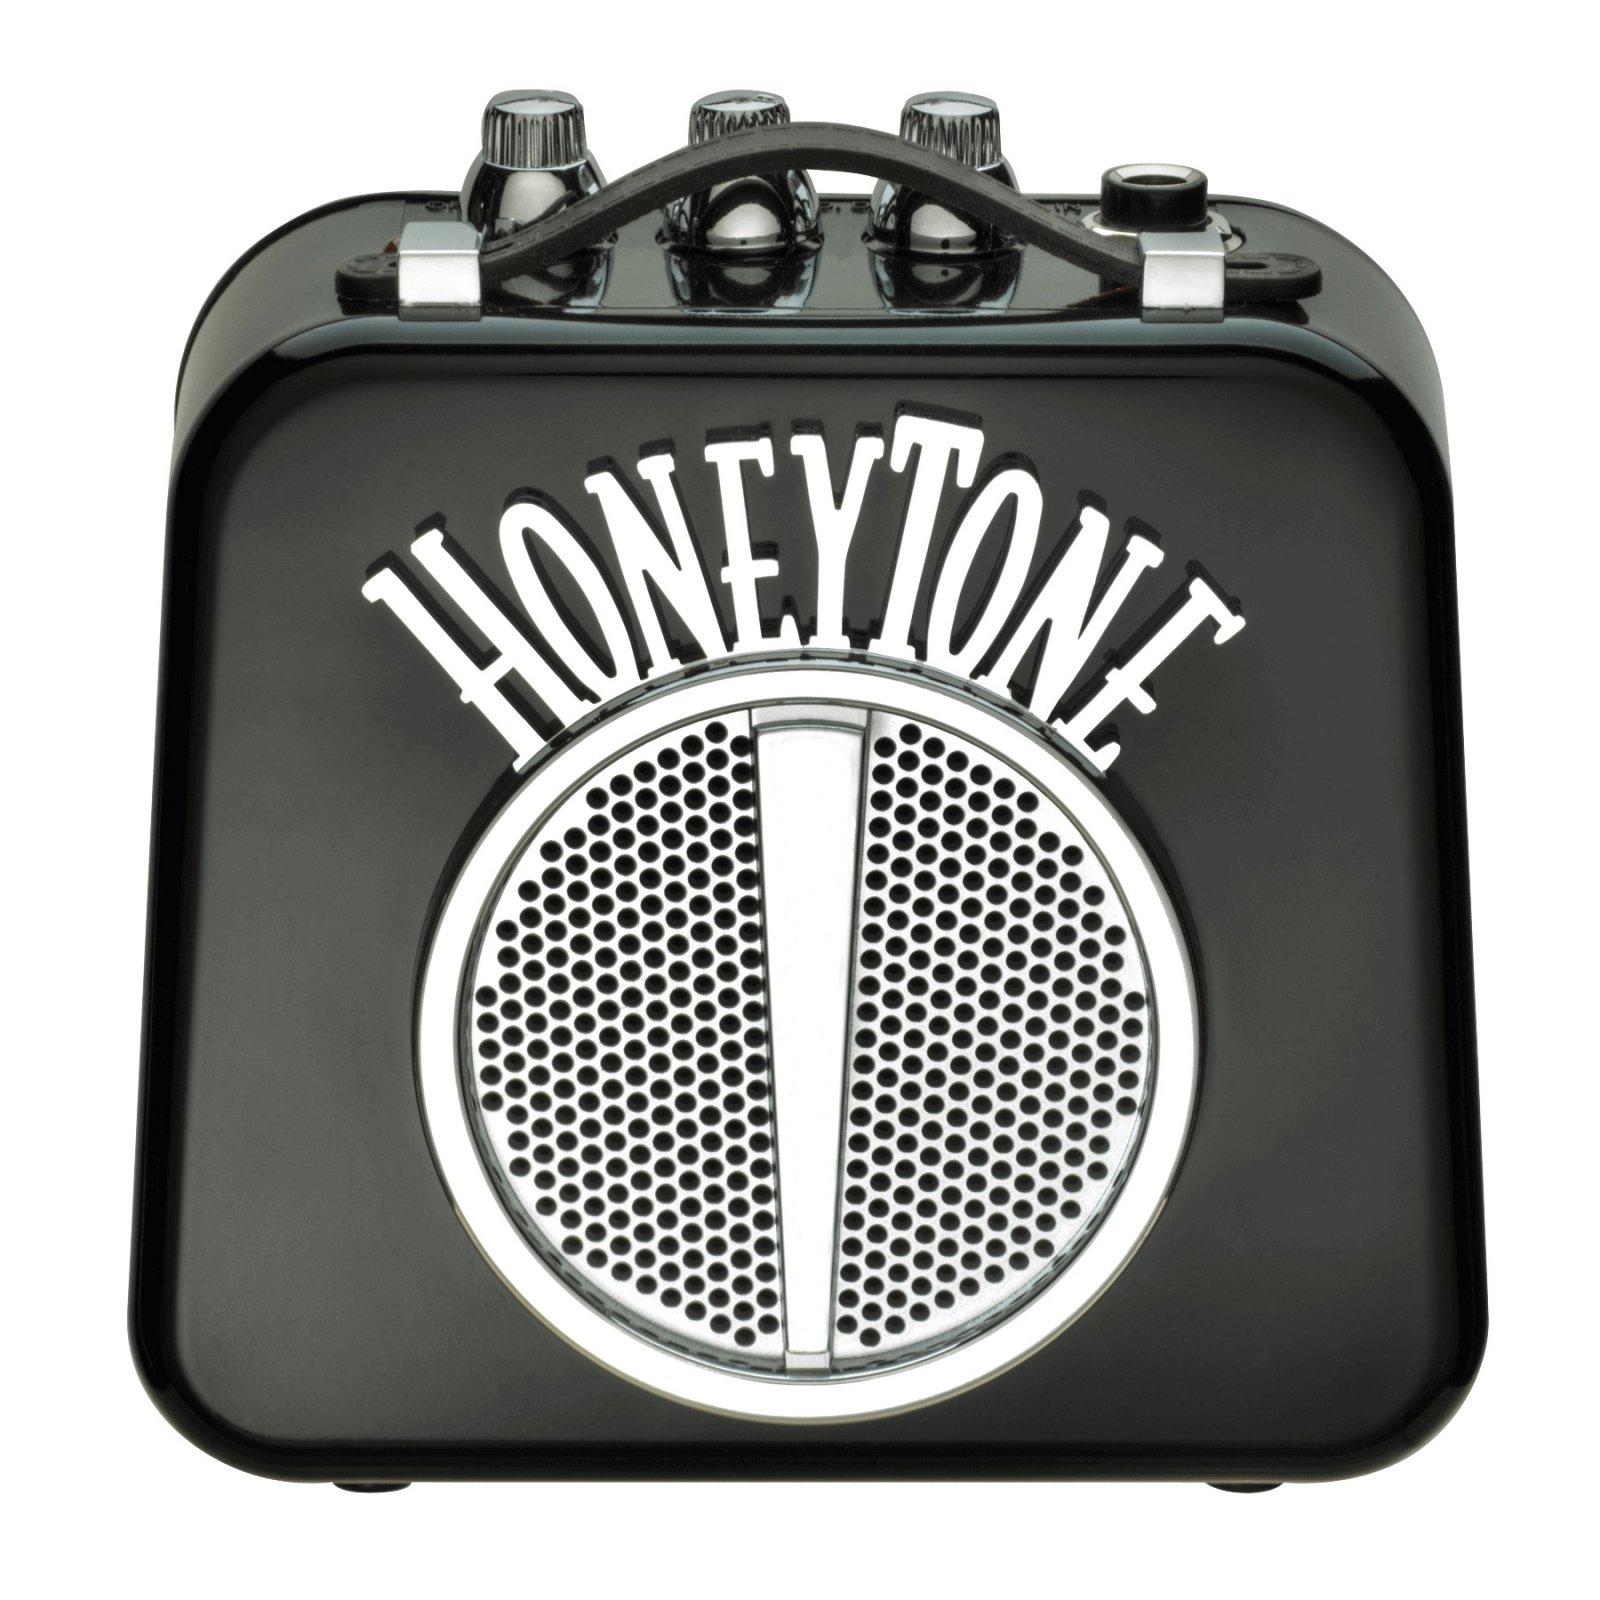 Danelectro Honeytone N-10 Mini Guitar Amp-Black